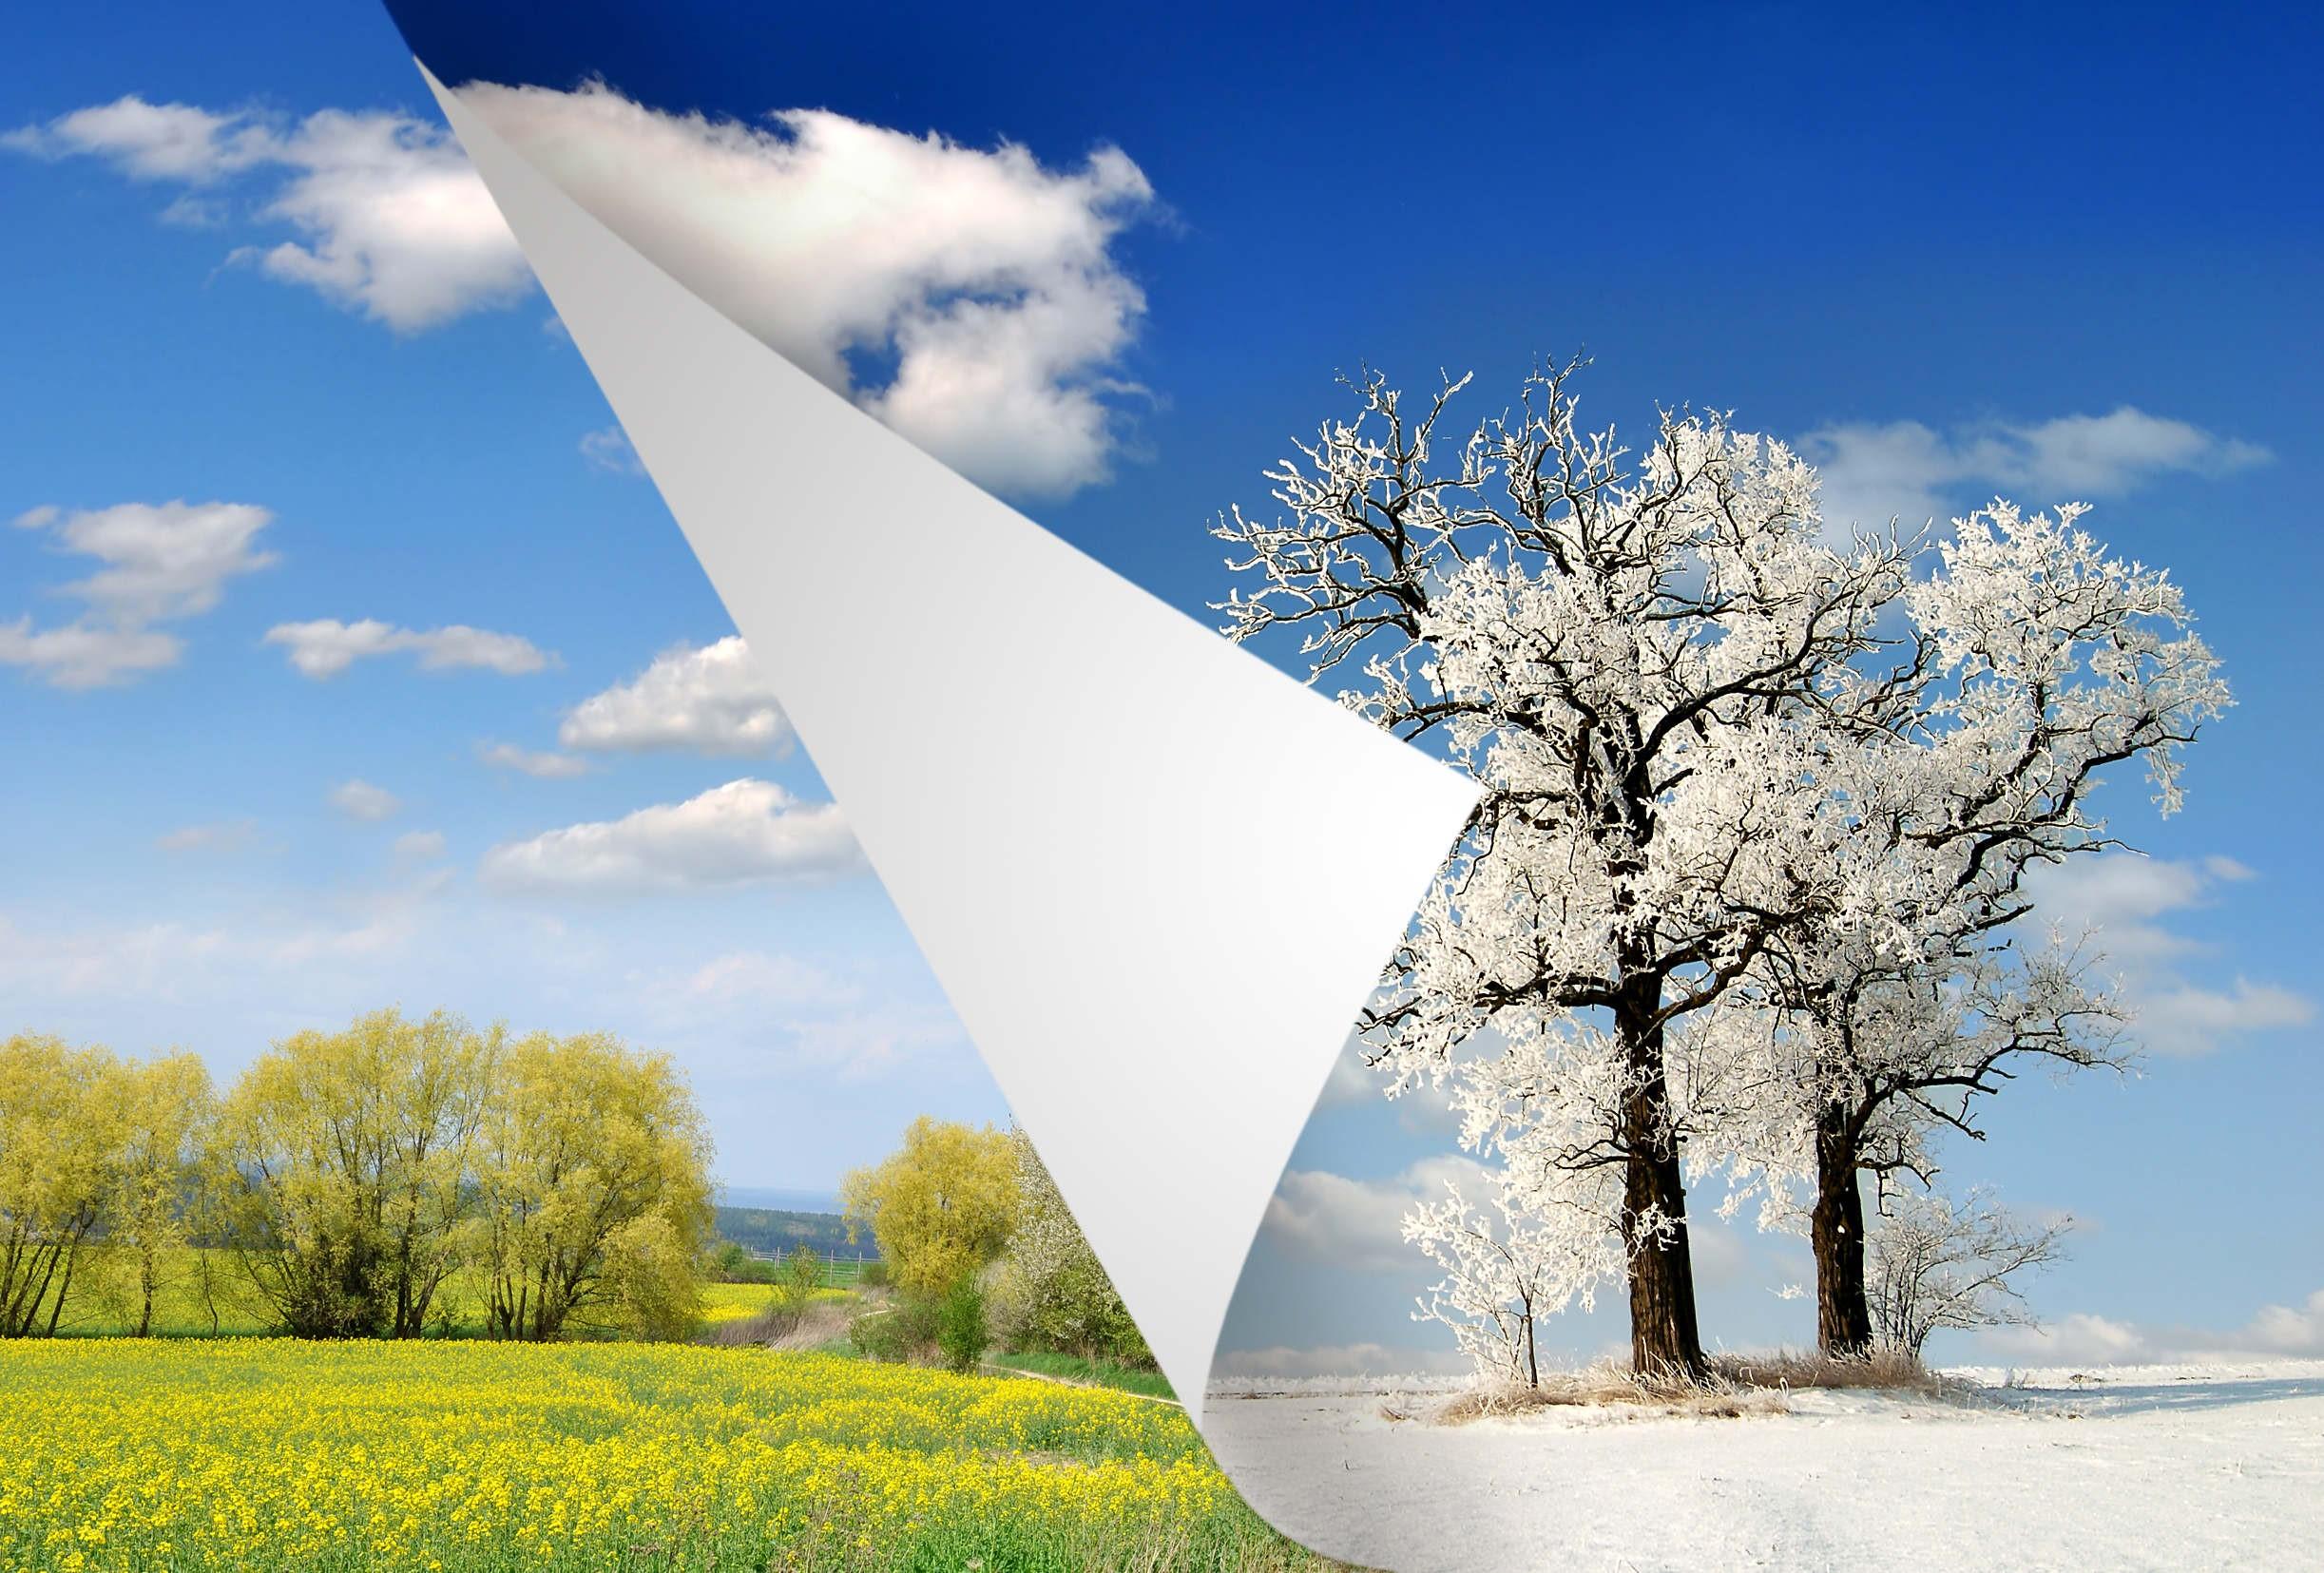 зима и лето в одной картинке